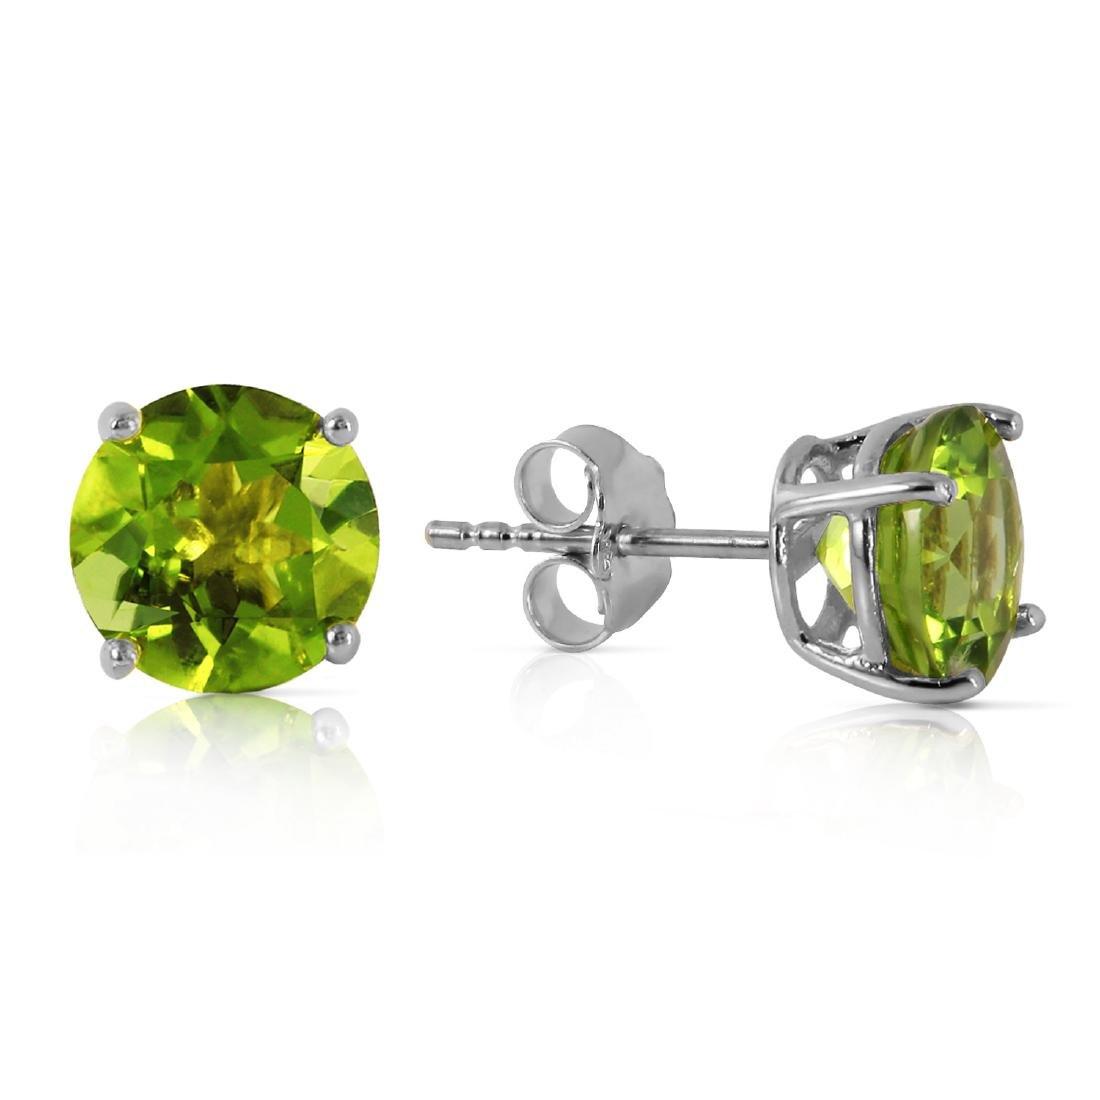 Genuine 3.1 ctw Peridot Earrings Jewelry 14KT White